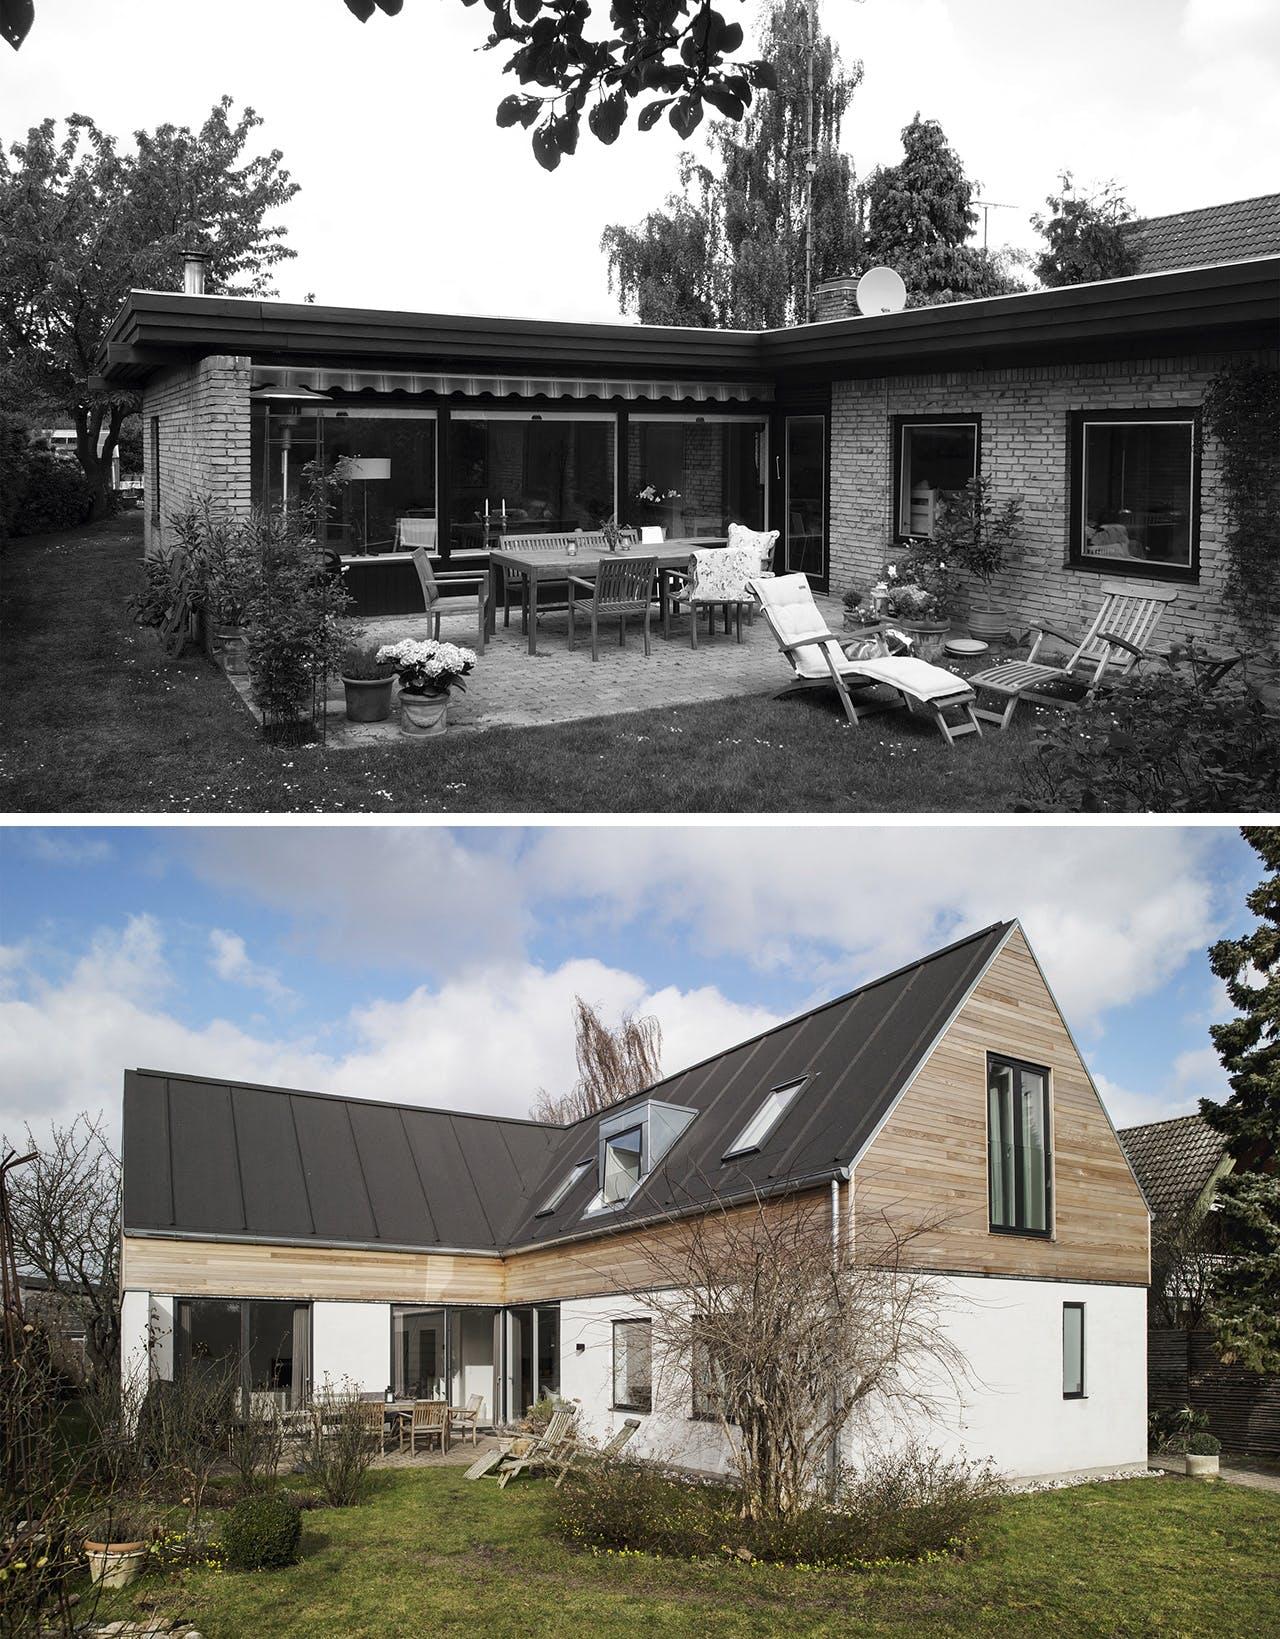 parcelhus renovering tips ombygning før og efter billede